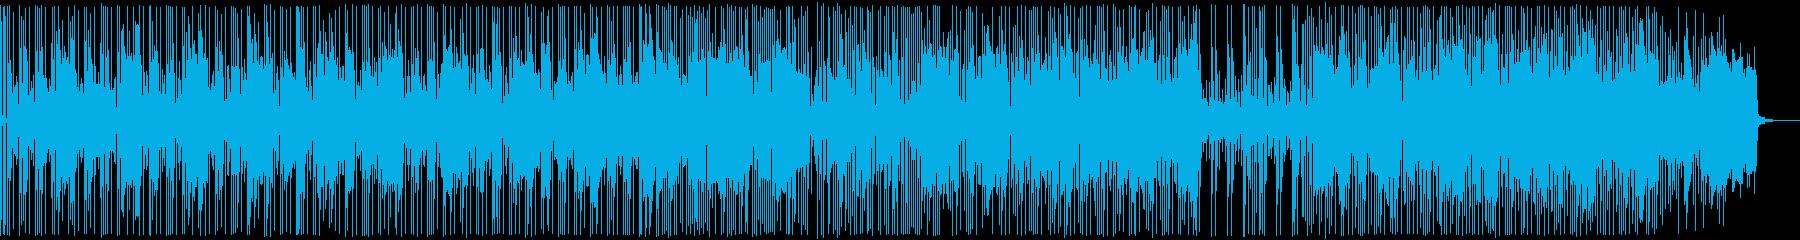 前向きで軽快なジャズフュージョンの再生済みの波形